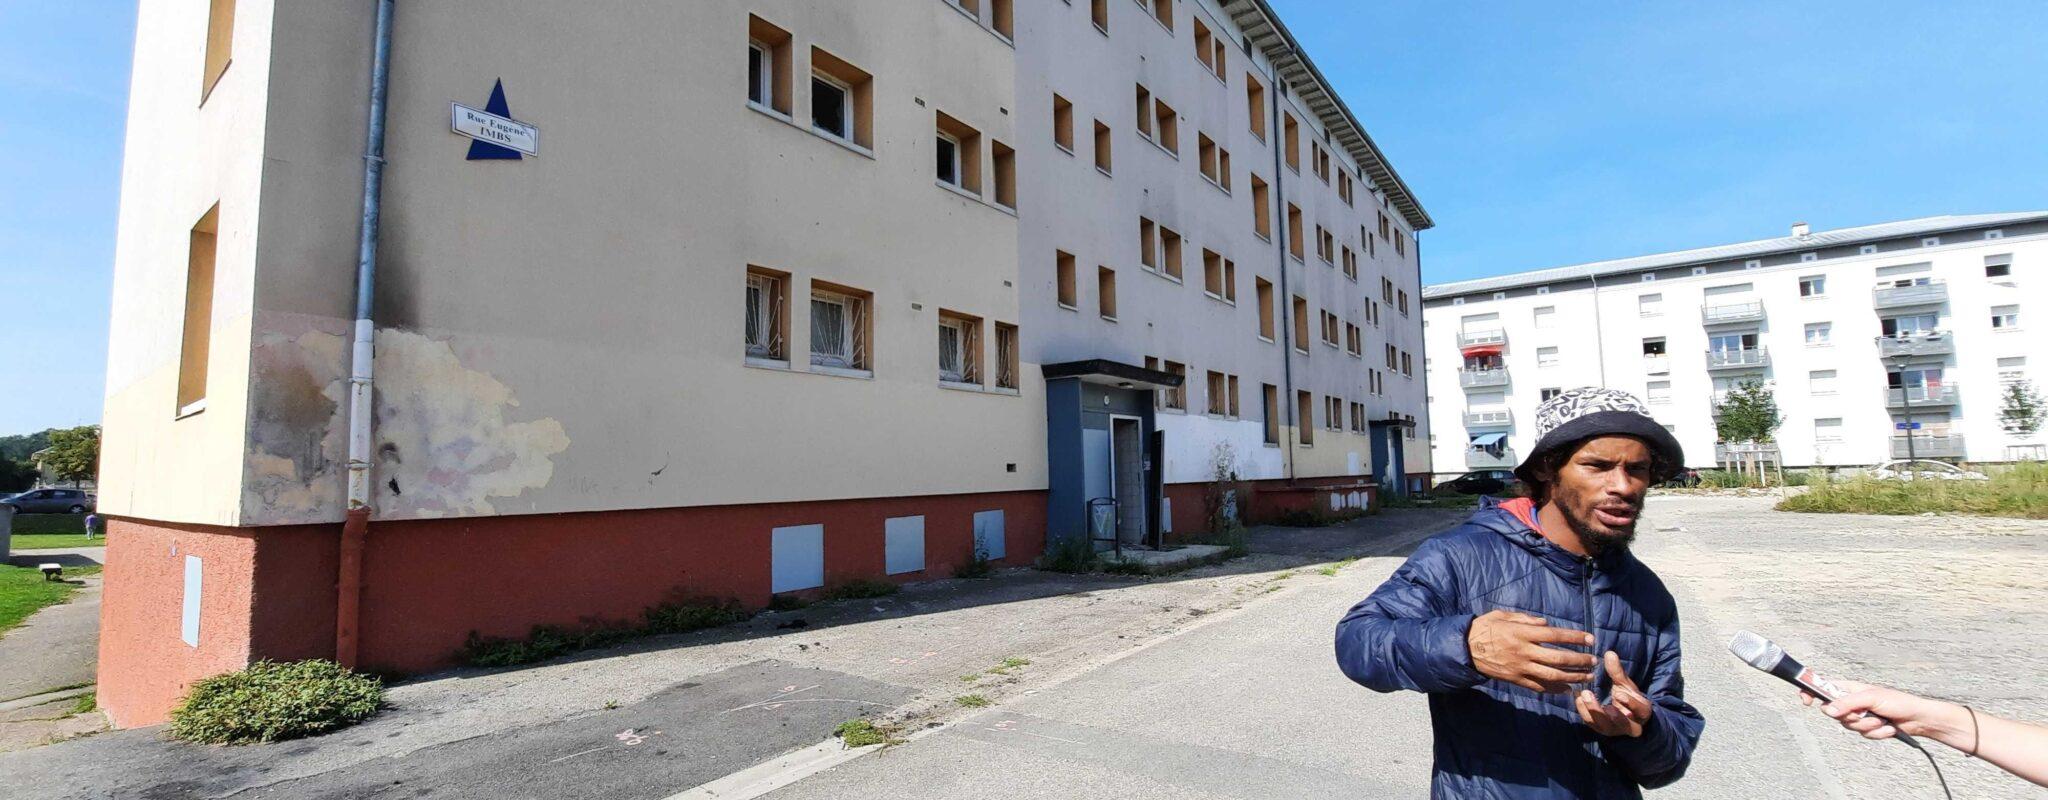 Cinq personnes logées après une tentative ratée d'ouverture de squat à la Meinau